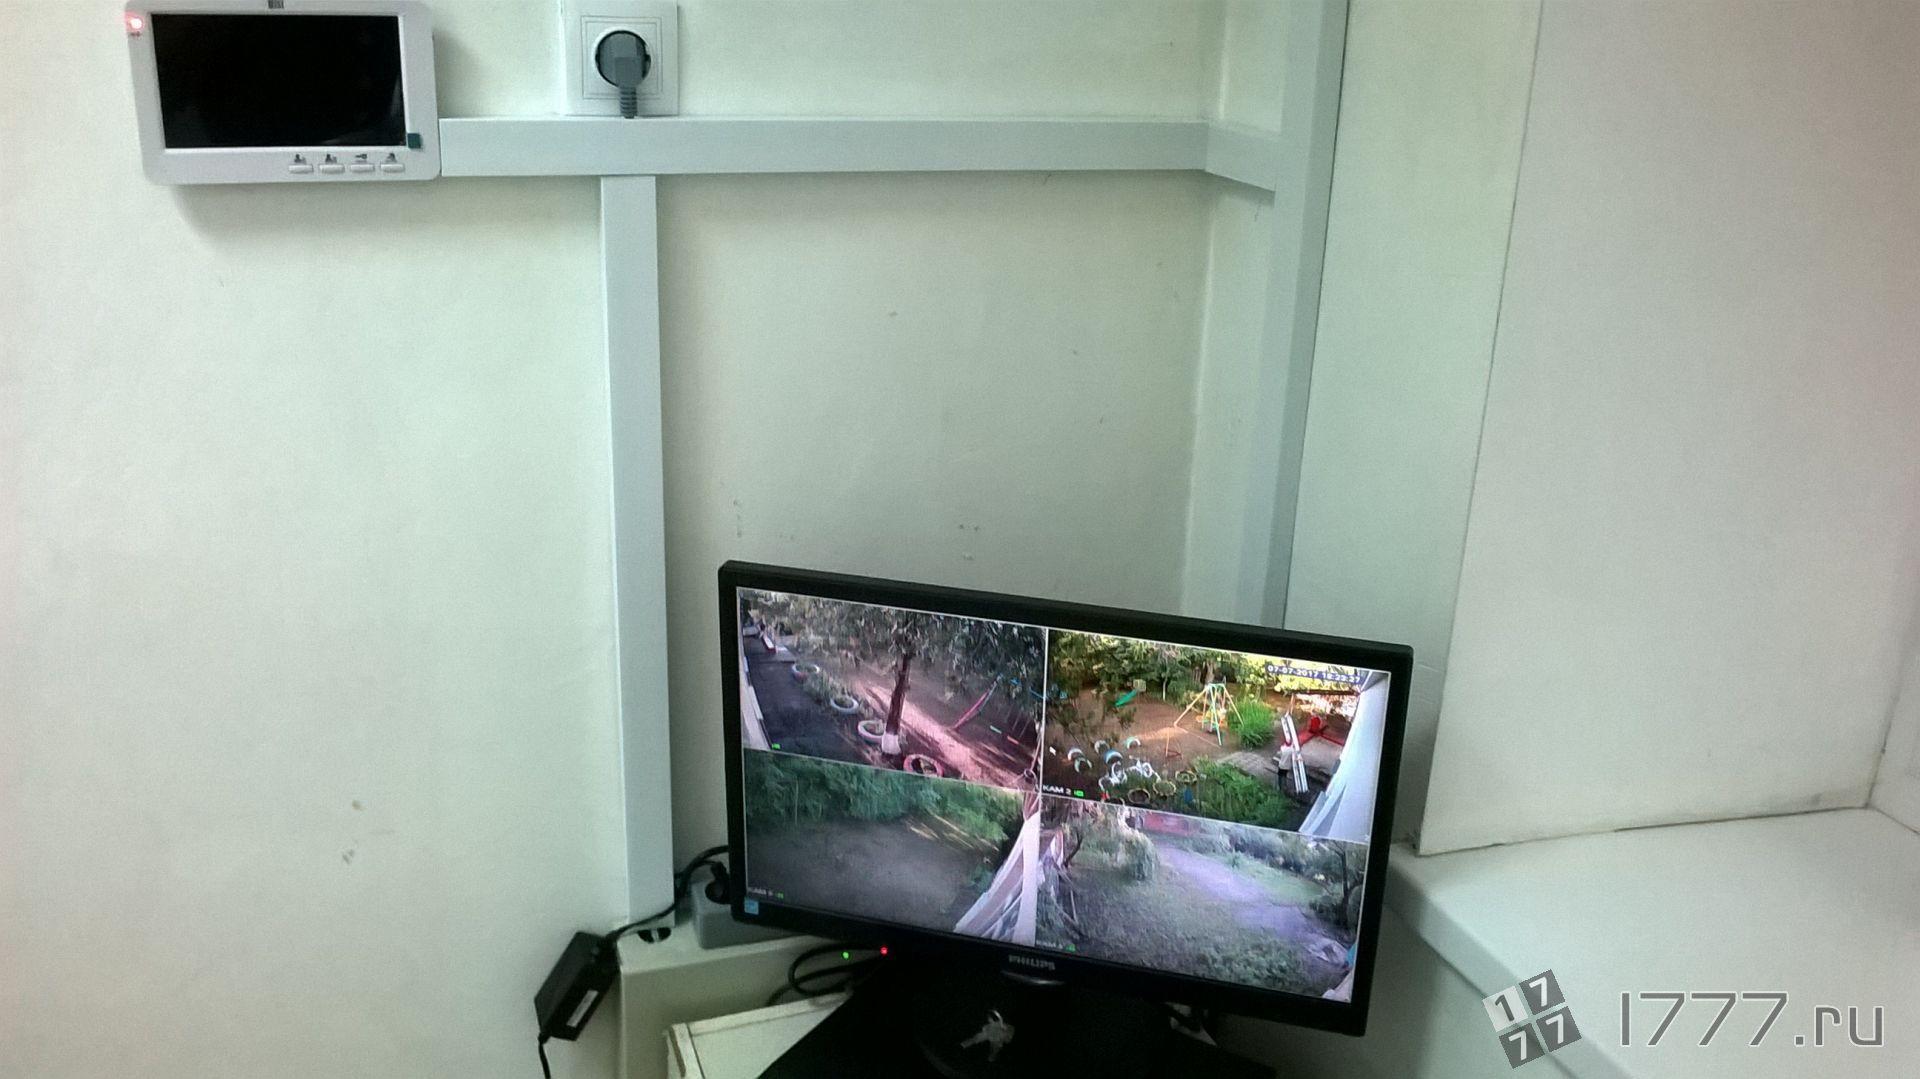 Видео с камер наблюдения москва онлайн